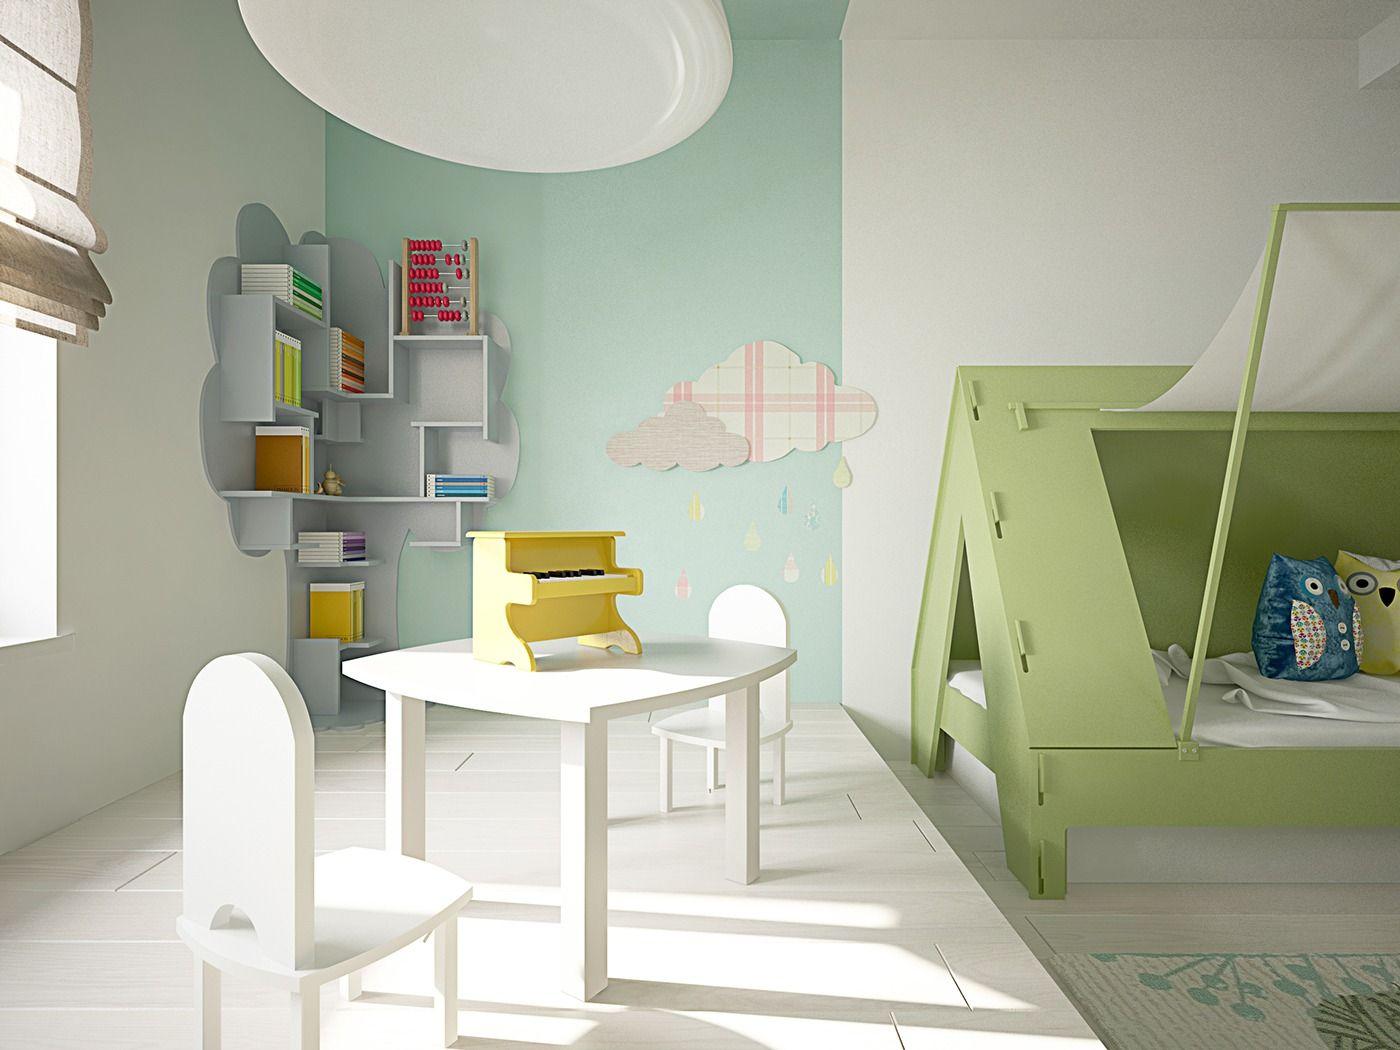 15 Idees Pour Decorer Les Murs D Une Chambre D Enfant Deco